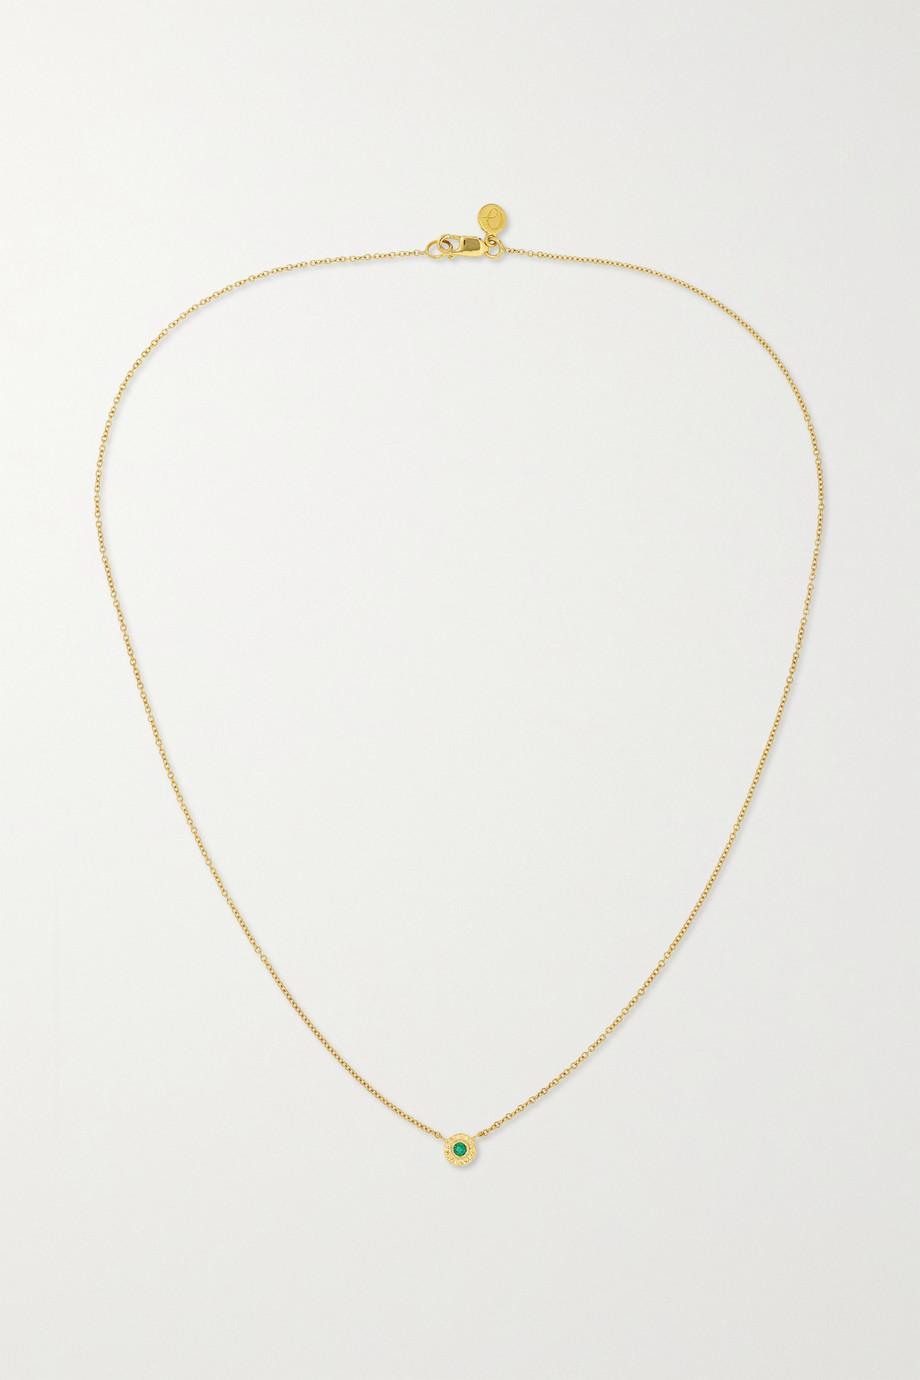 Octavia Elizabeth Collier en or 18 carats recyclé et émeraude Nesting Gem - NET SUSTAIN